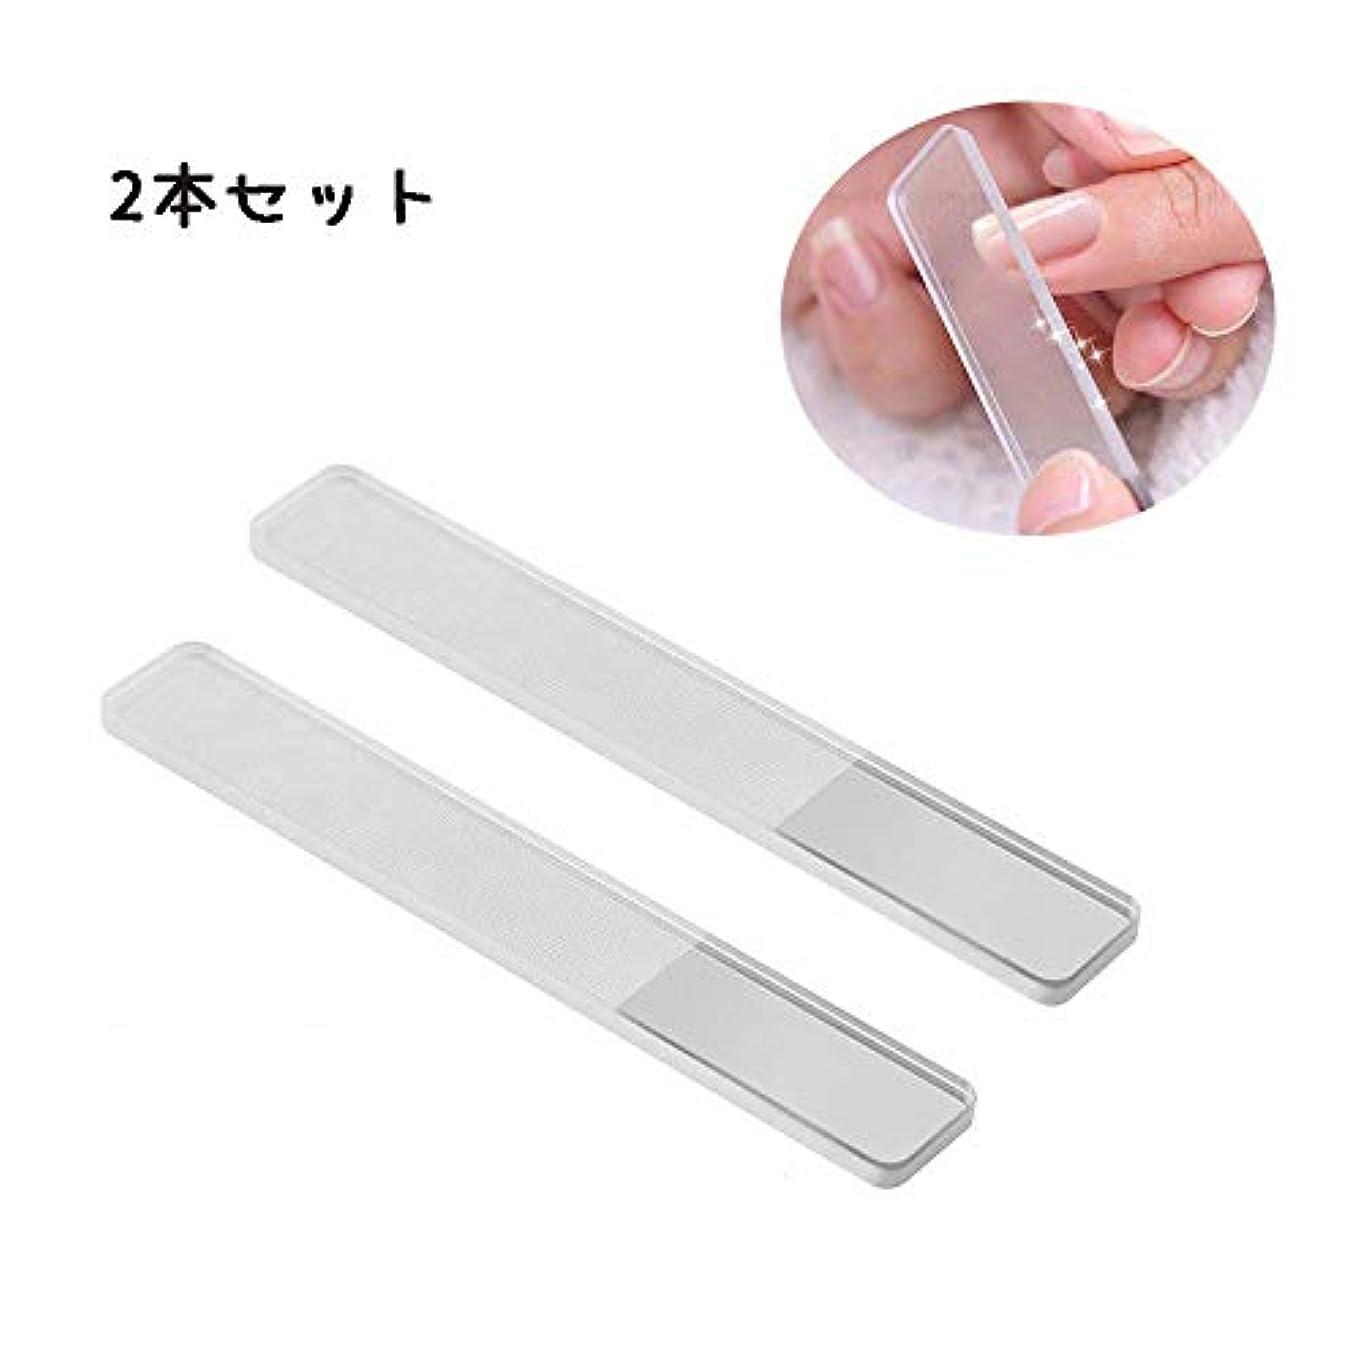 傷つきやすい女の子恥爪やすり ガラス 爪磨き ガラス製 ネイルシャイナー ピカピカ ネイルケア ナノ技術が生んだ全く新しい 甘皮処理 携帯便利 収納ケース付き 2本 セット (2pcs)